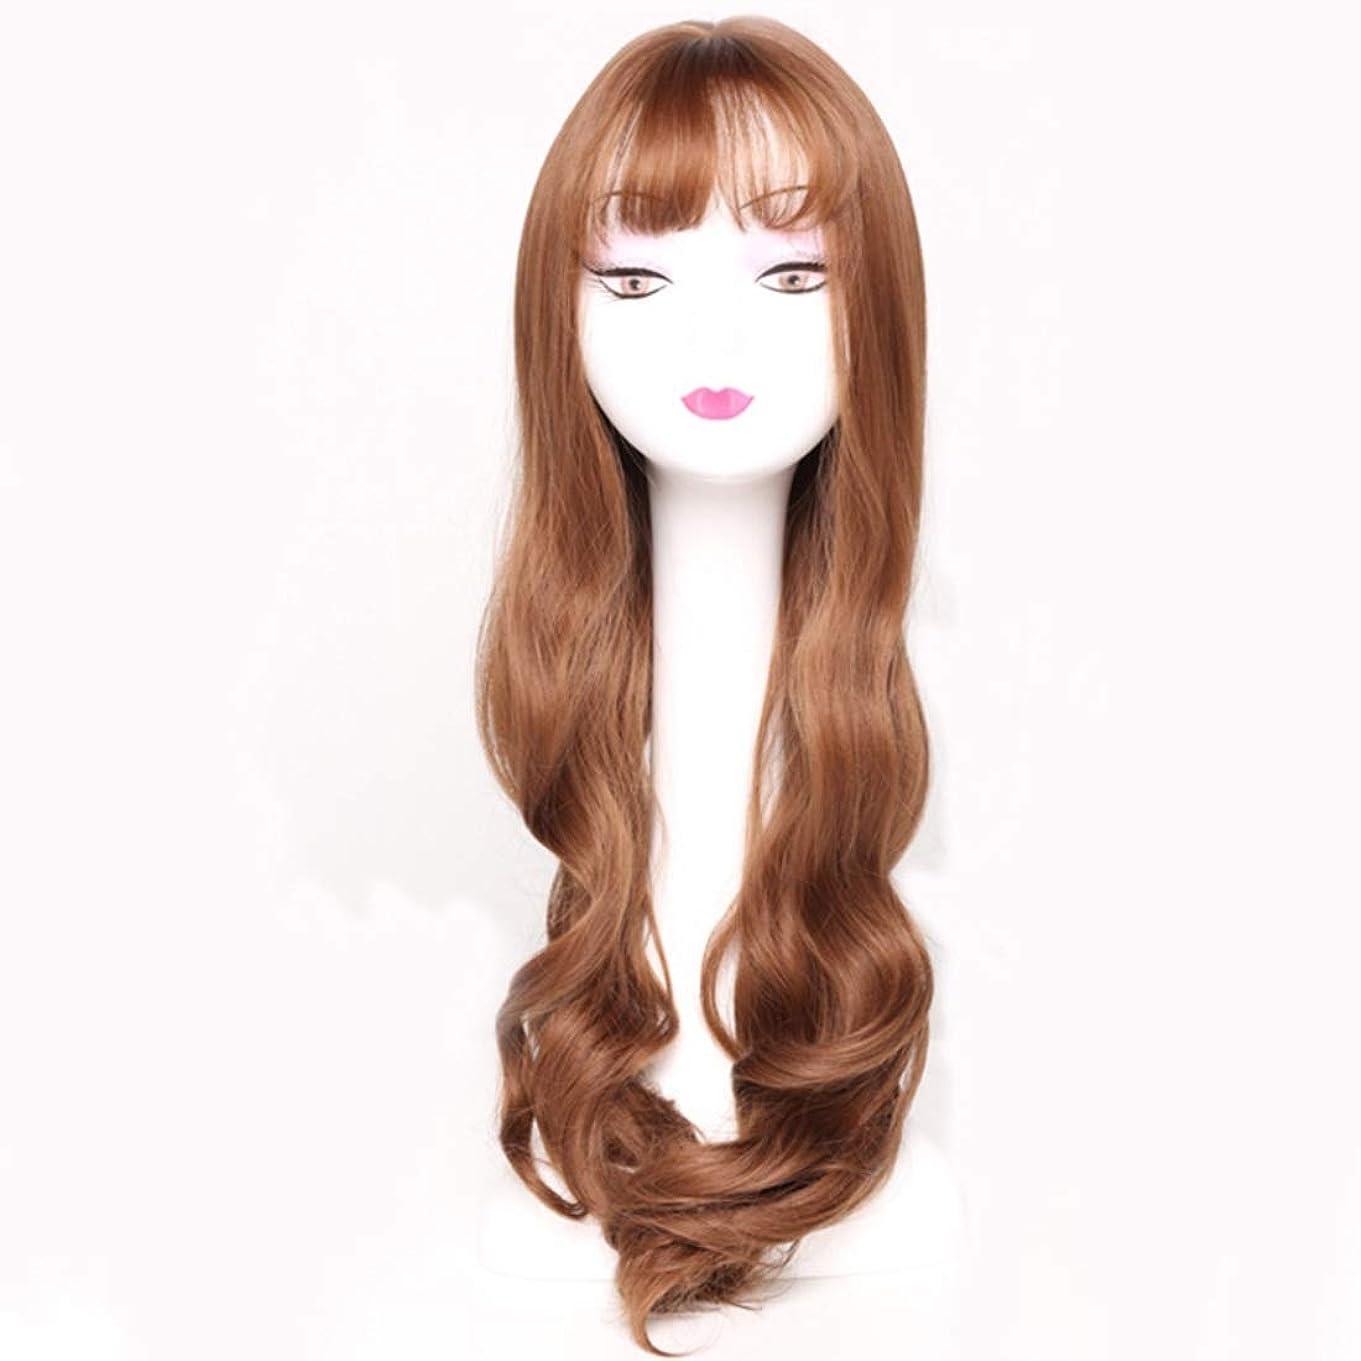 ホールドオール砂漠オーケストラKerwinner レディースウィッグカーリー合成かつら前髪合成耐熱女性ヘアスタイルカスタムコスプレパーティーウィッグ